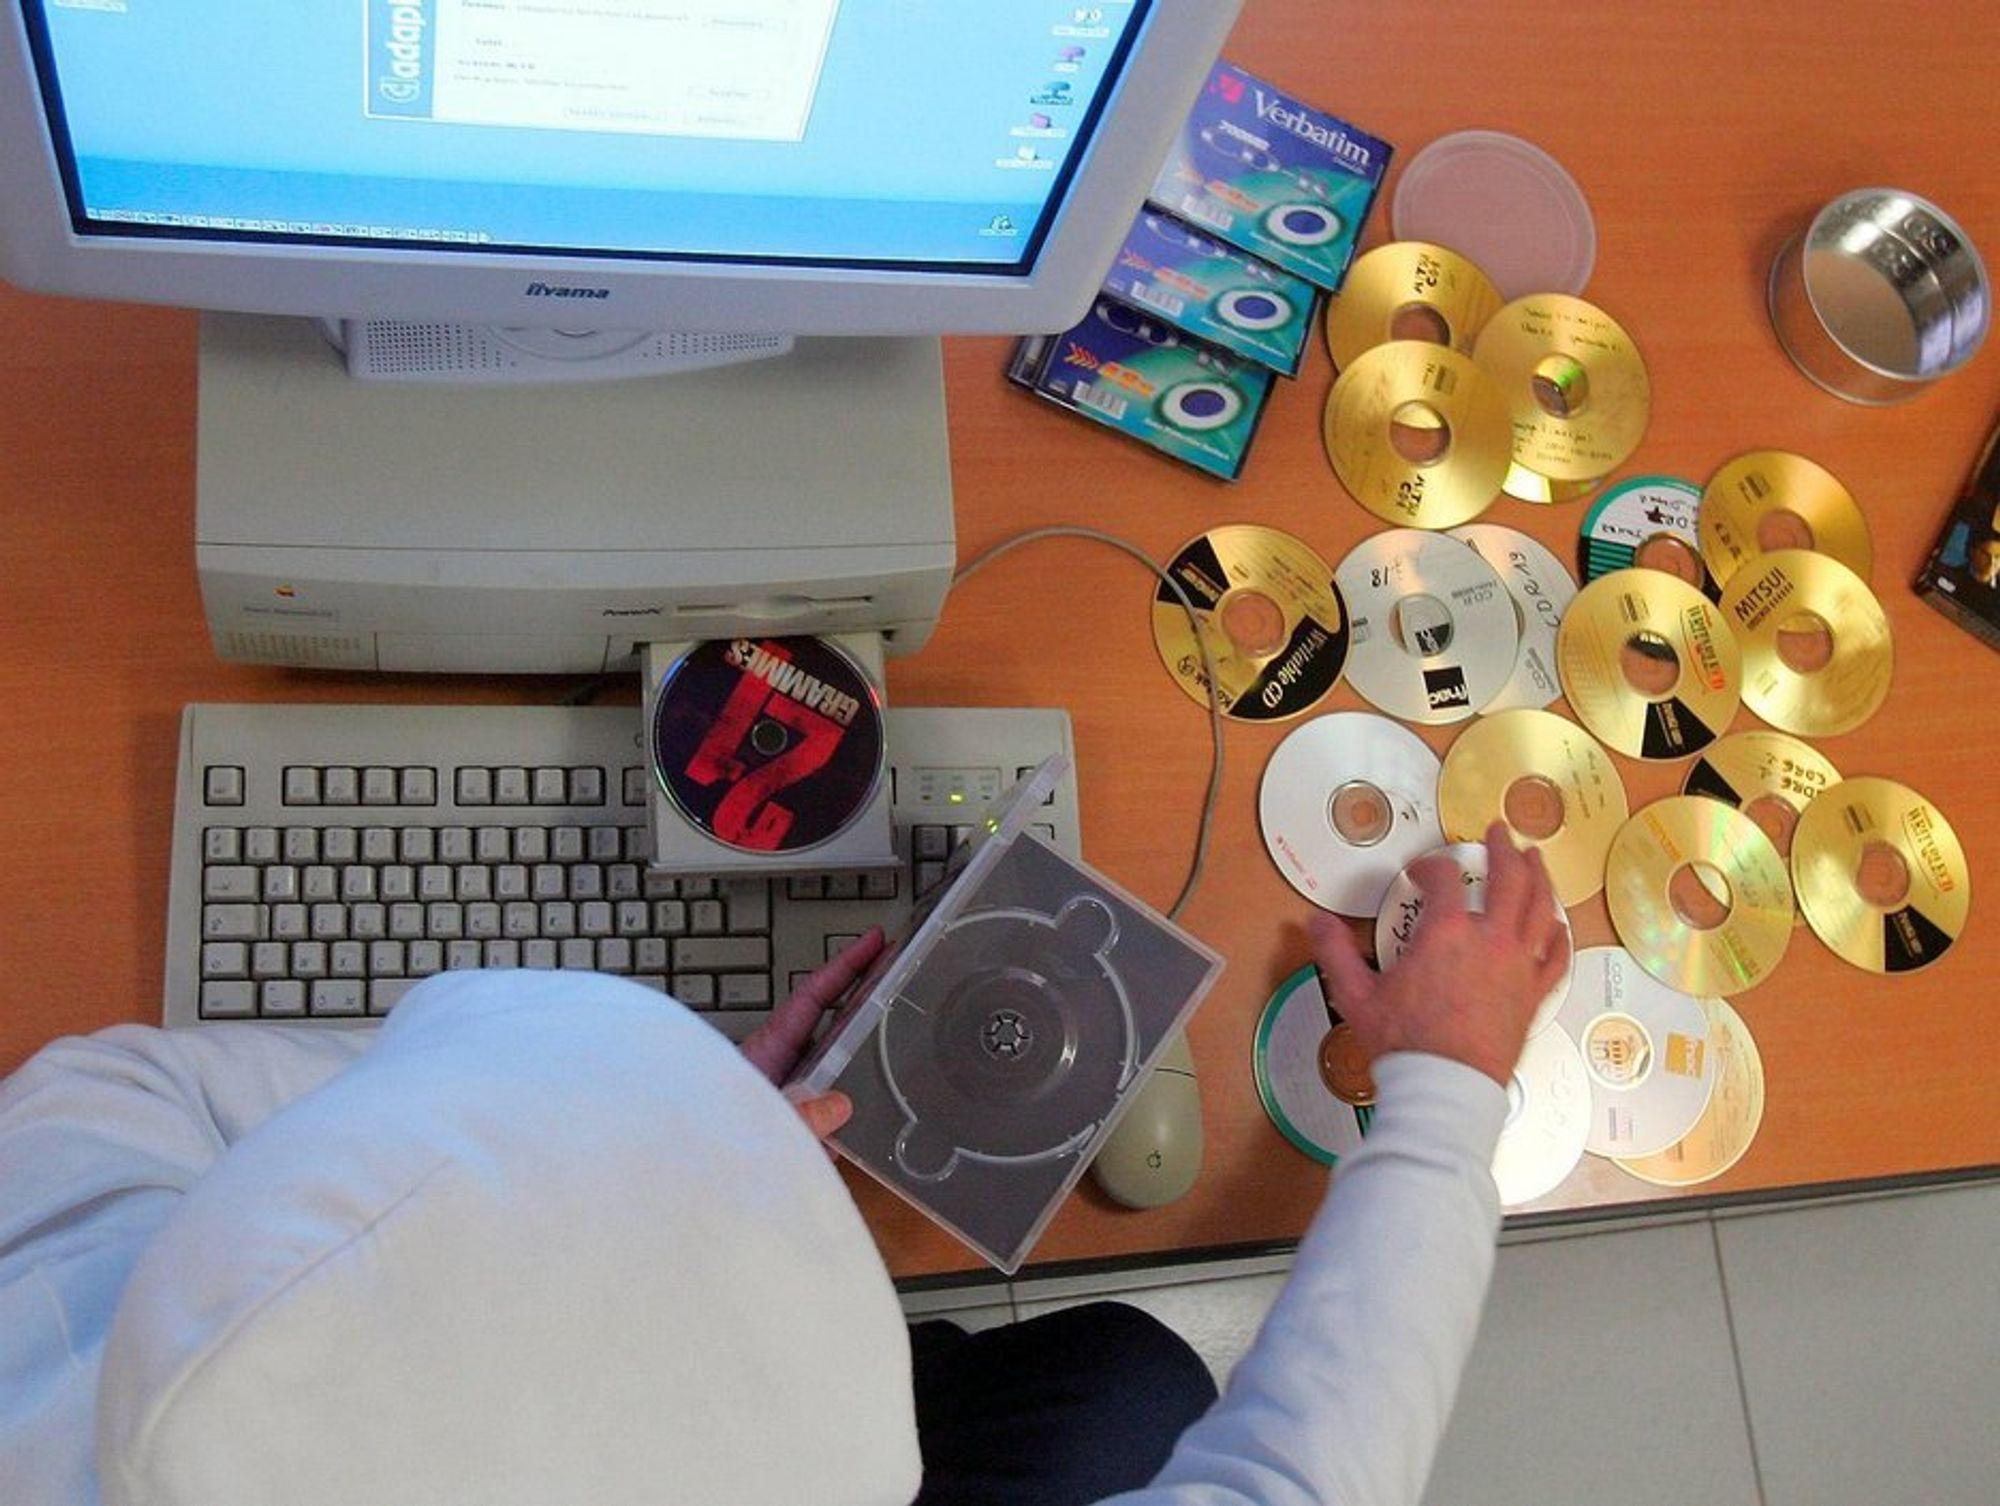 En ny internett-nemnd kan avgjøre fremtidige fildelingssaker.